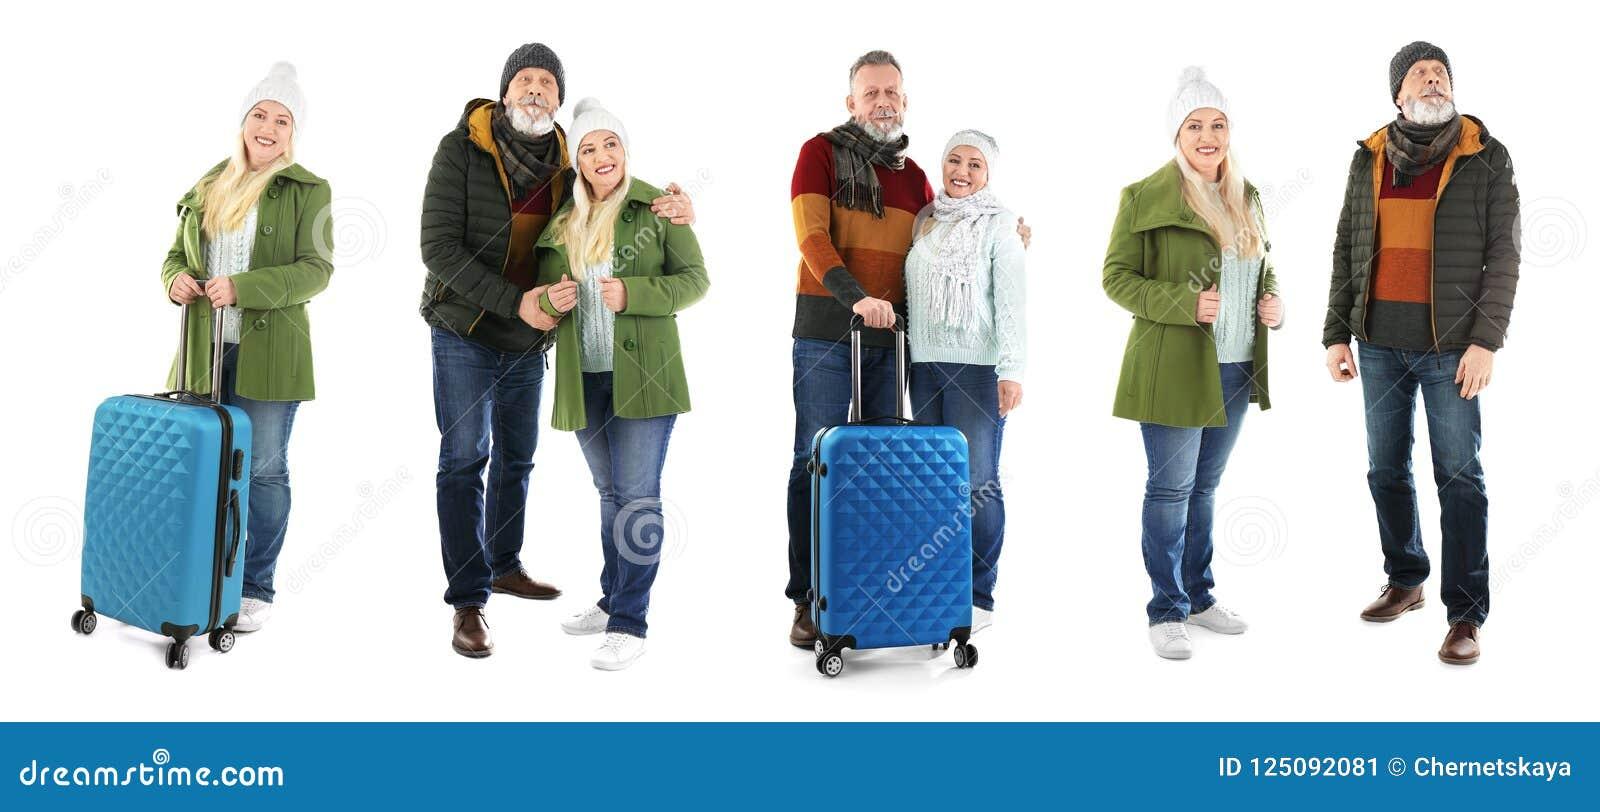 Metta con la gente in vestiti e valigie caldi su fondo bianco